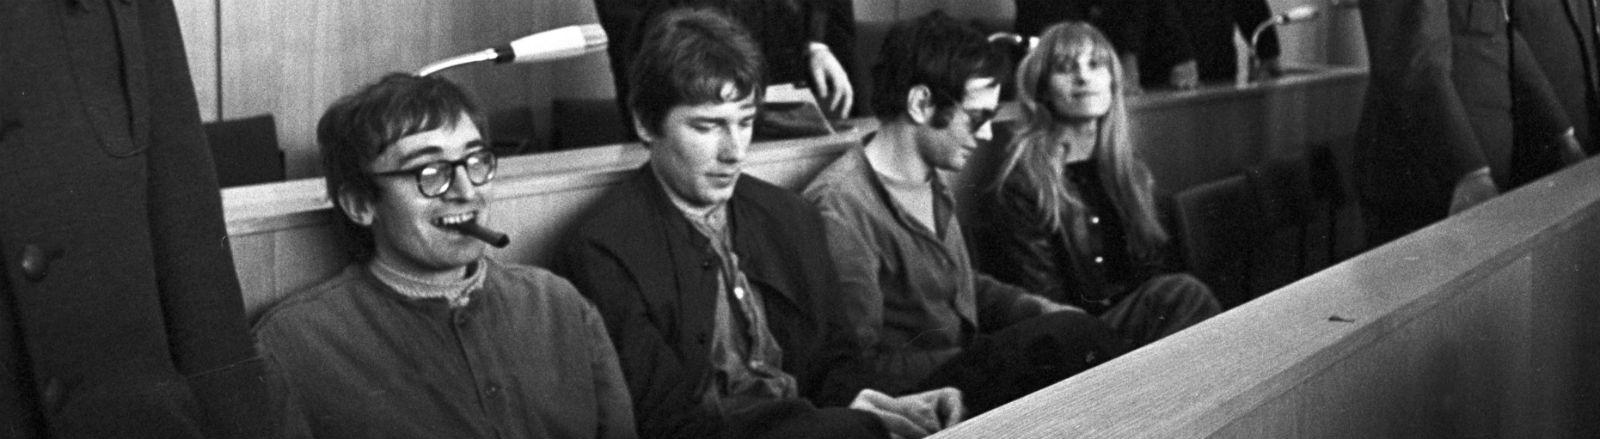 Die Angeklagten (l-r) Thorwald Proll, Horst Söhnlein, Andreas Baader und Gudrun Ensslin vor der Urteilsverkündung im Frankfurter Kaufhausbrandstifter-Prozess am 31.10.1968 in Frankfurt am Main. Bild: dpa